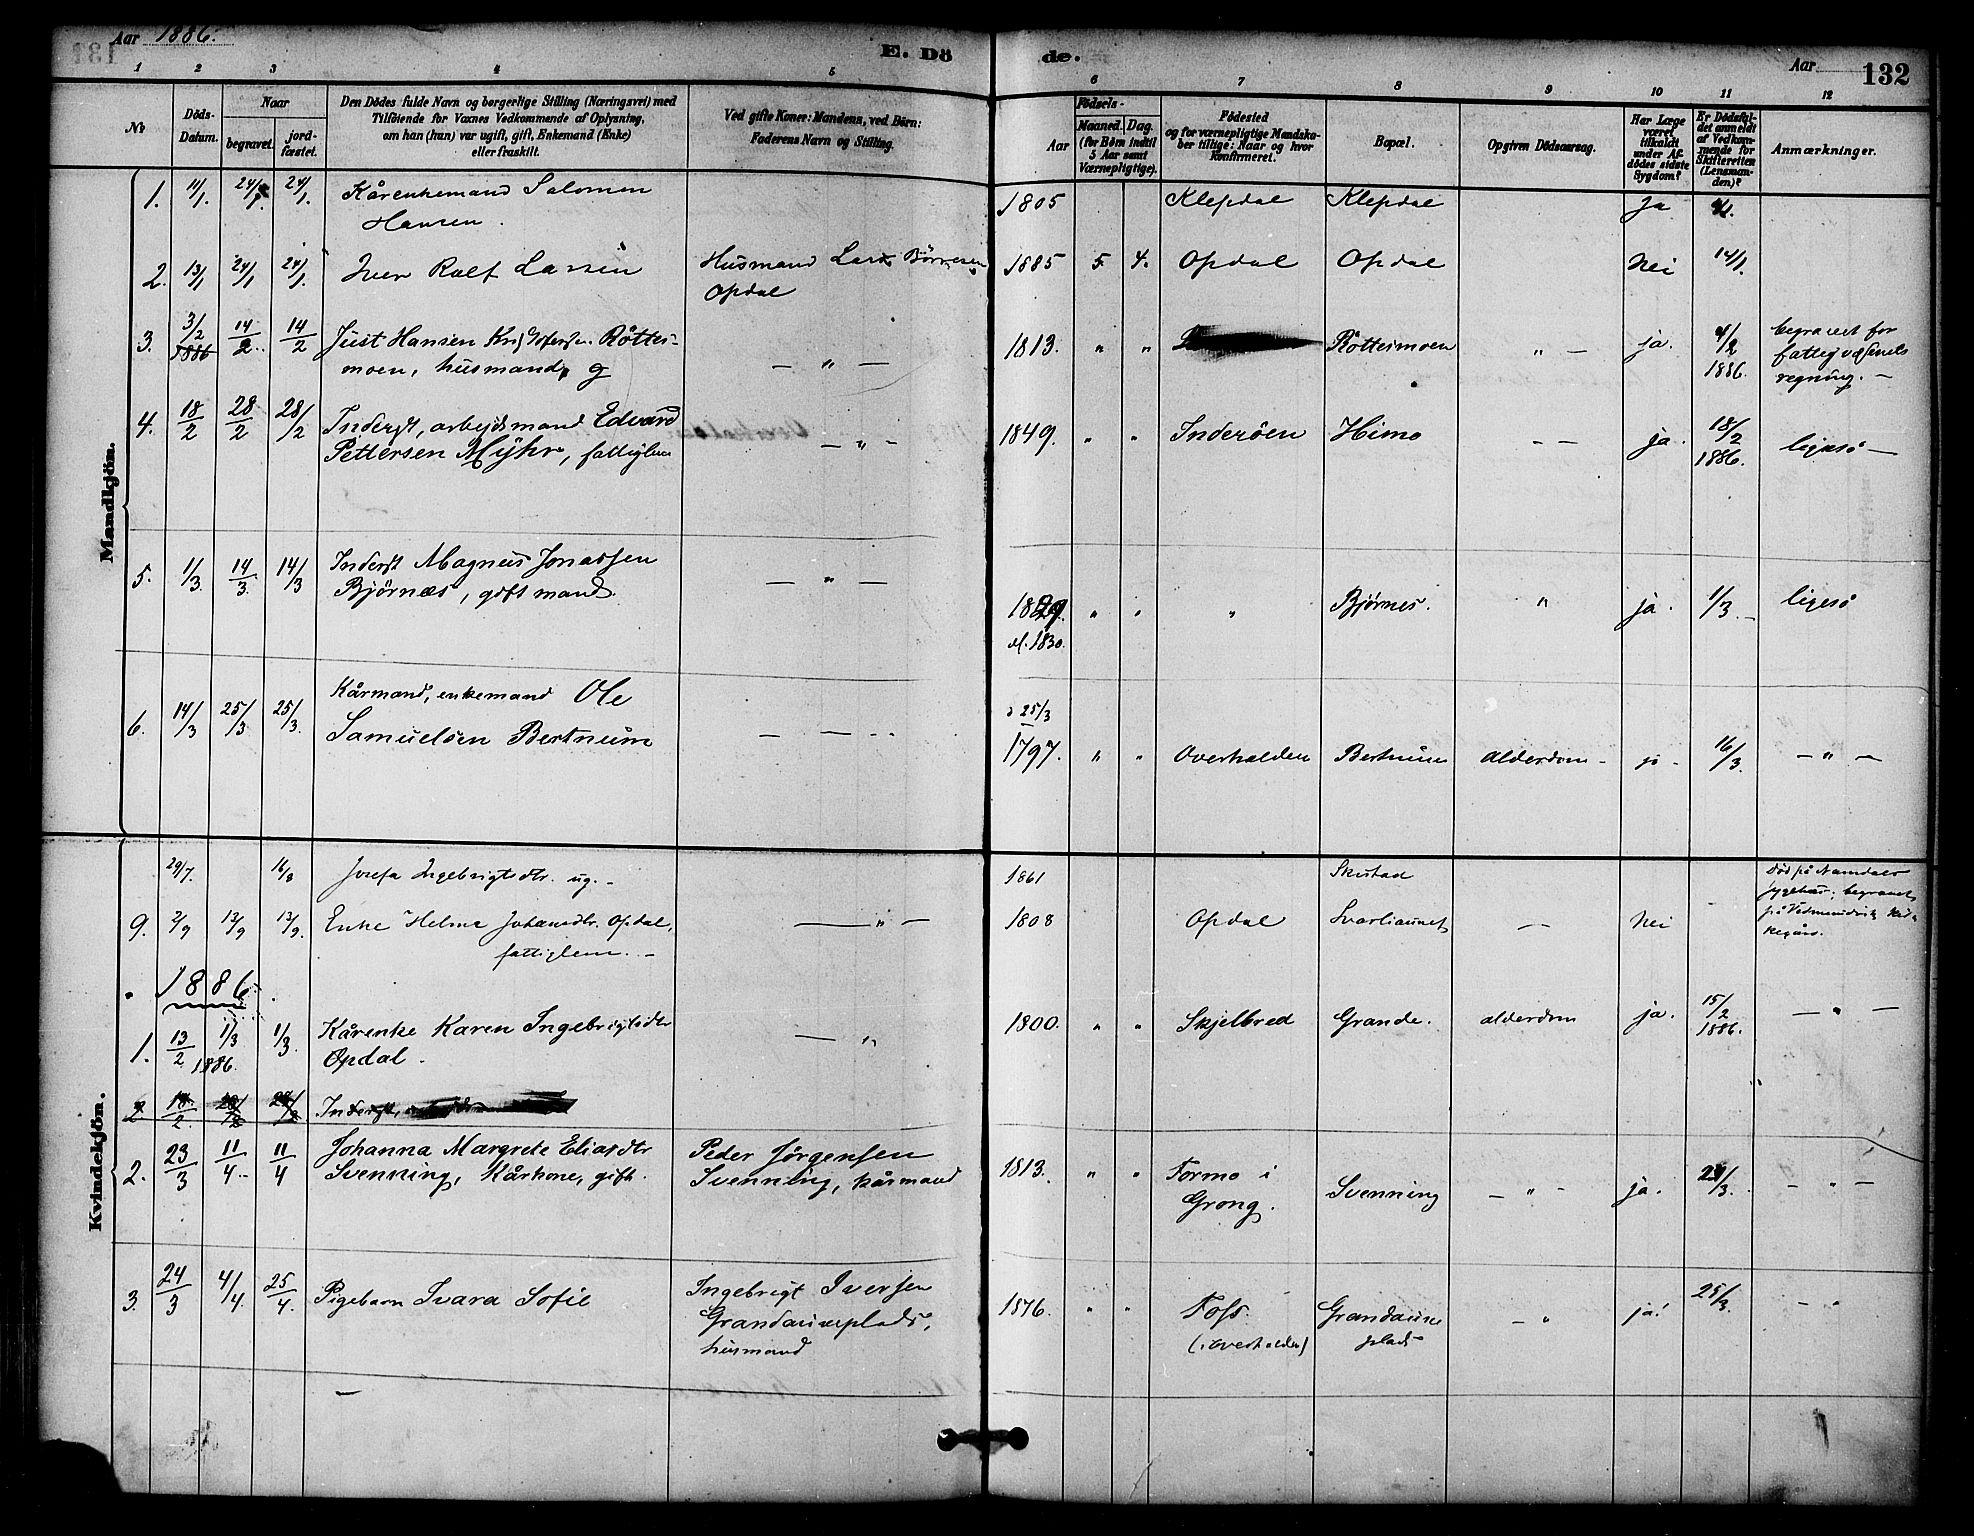 SAT, Ministerialprotokoller, klokkerbøker og fødselsregistre - Nord-Trøndelag, 764/L0555: Ministerialbok nr. 764A10, 1881-1896, s. 132